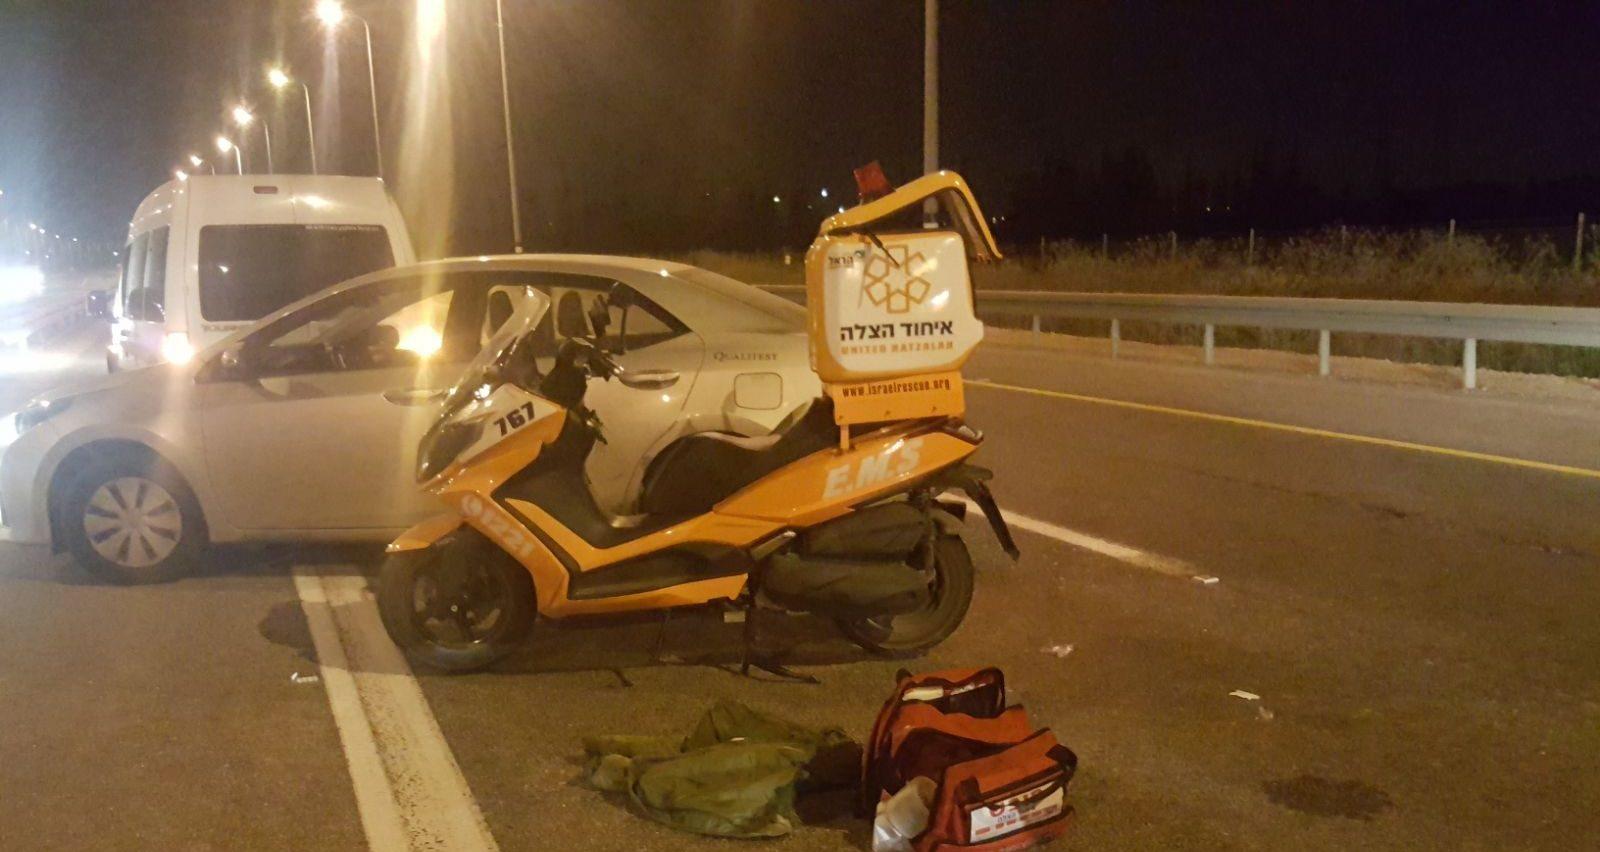 רוכב אופנוע נפצע קל בתאונת דרכים עצמית